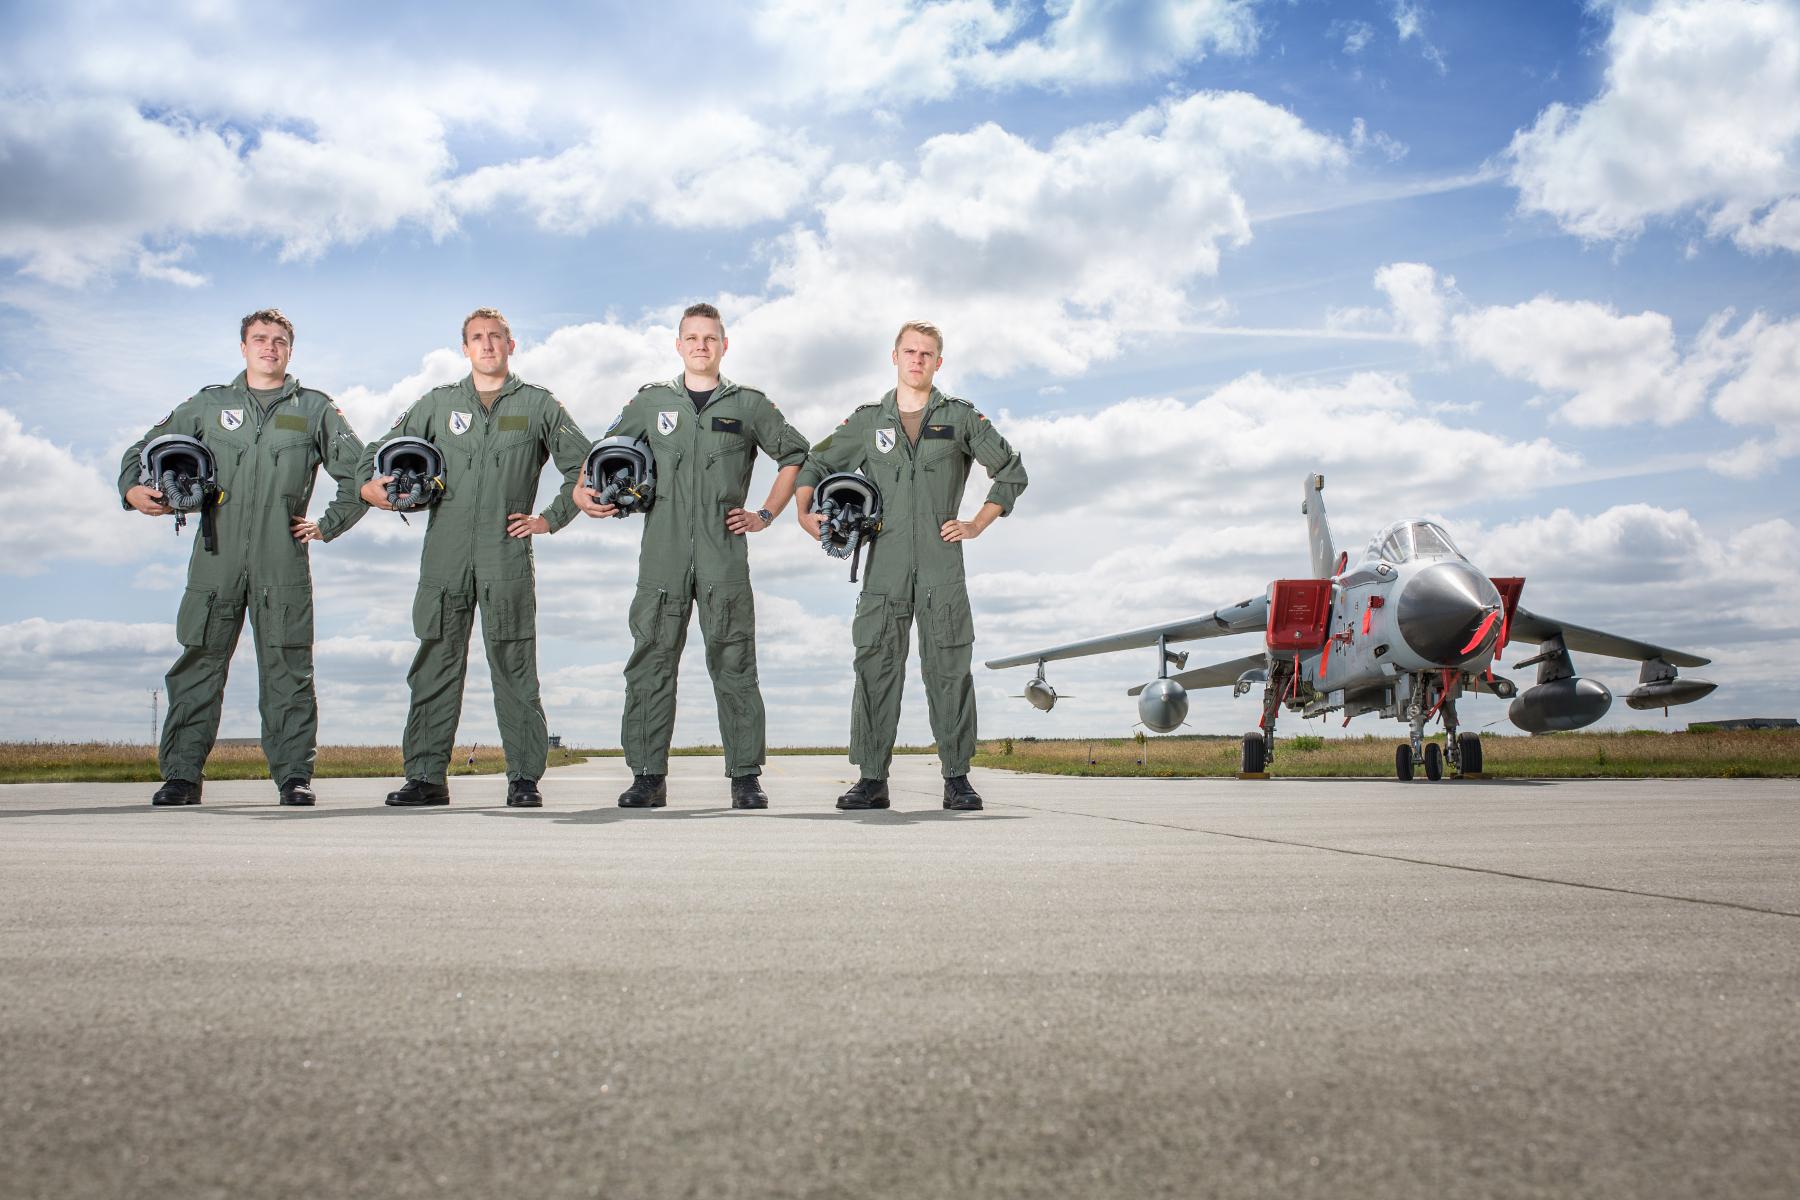 Die Flugschüler der 4.Staffel vor einem Tornado. (Quelle: Luftwaffe/Oliver Pieper)